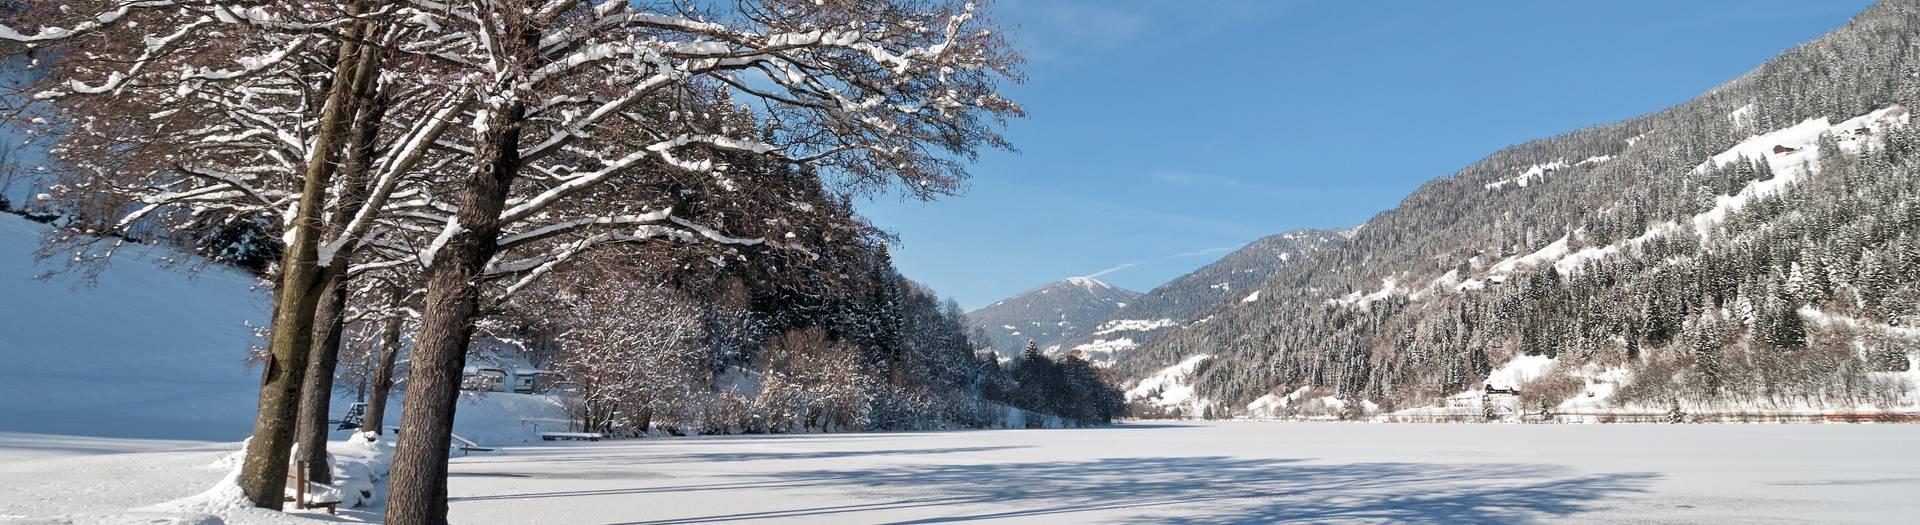 Afritz im Winter